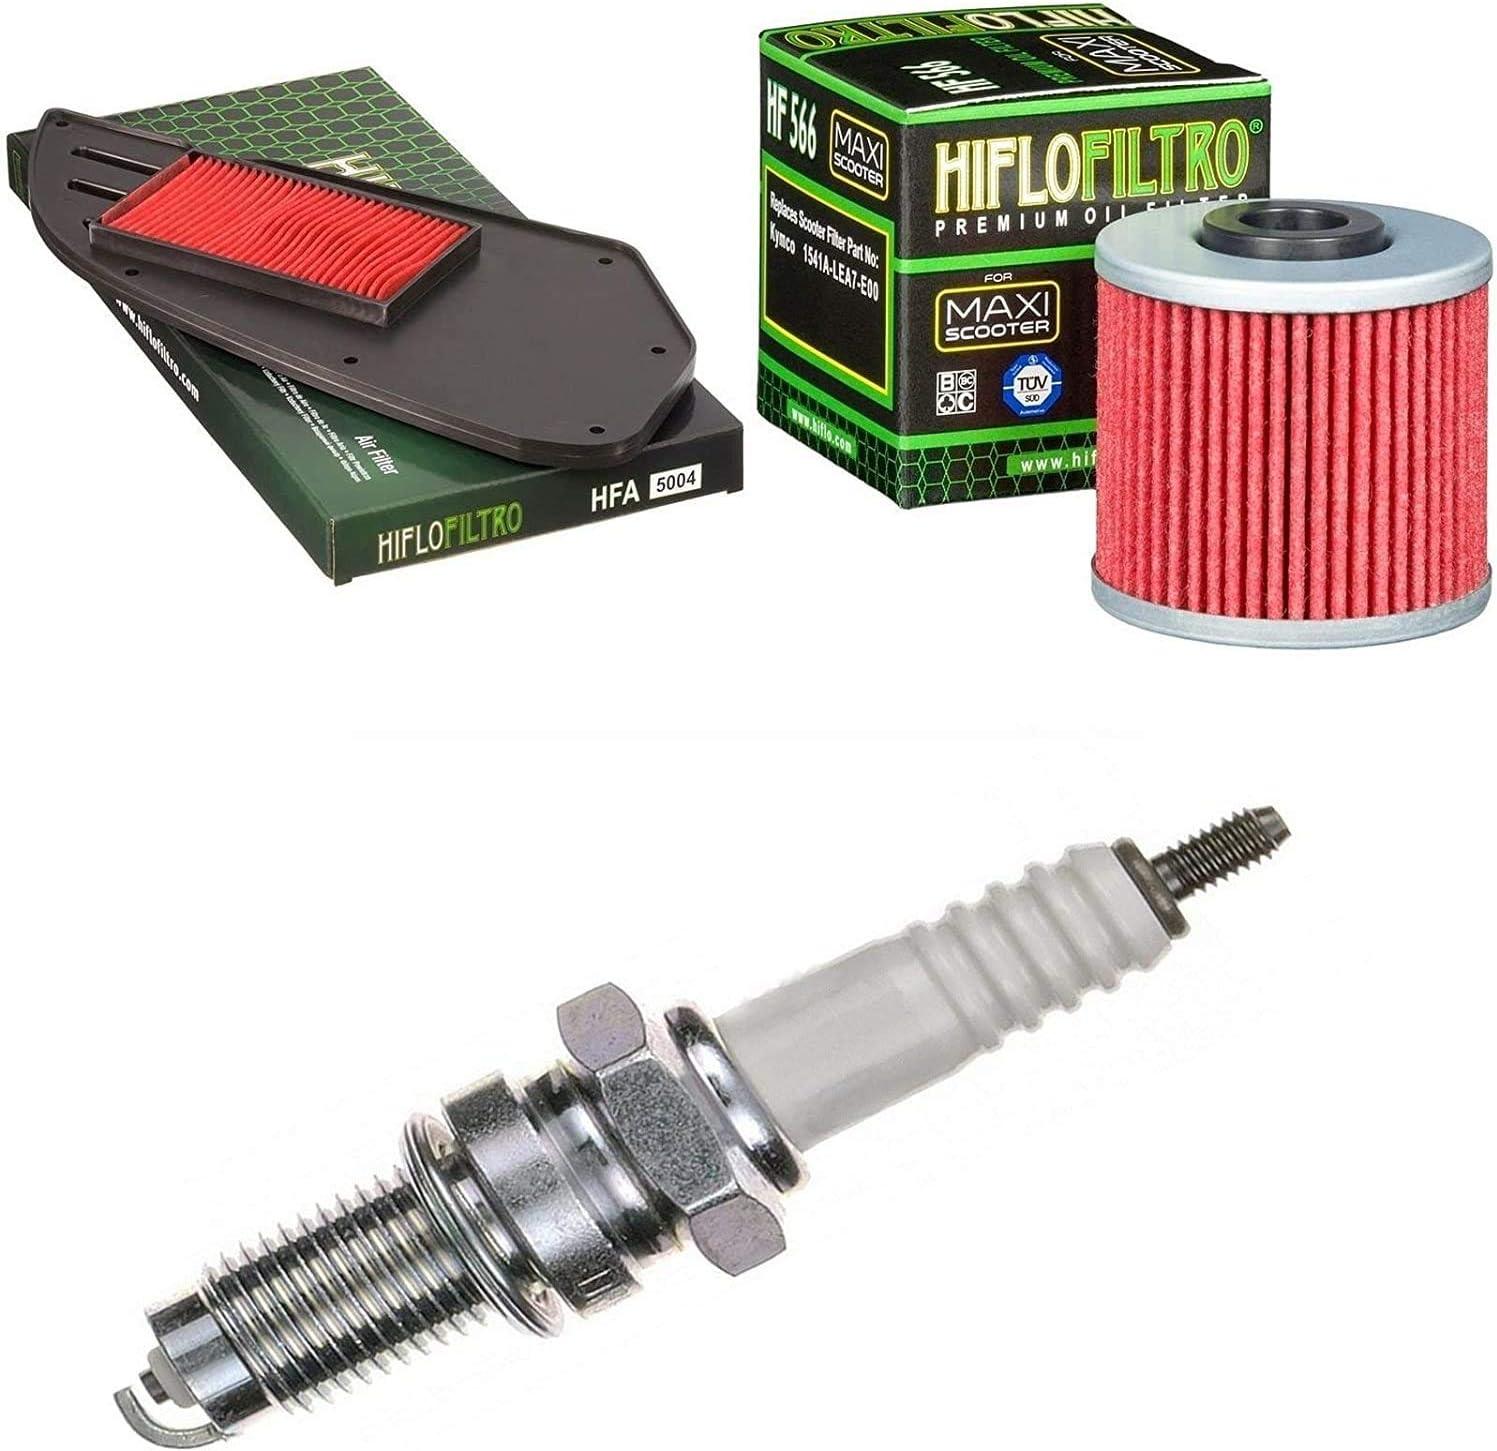 Pamoto Filtro de aire Filtro de aceite Bujía G5 125 i 2009 – 2017 Kit de mantenimiento: Amazon.es: Coche y moto